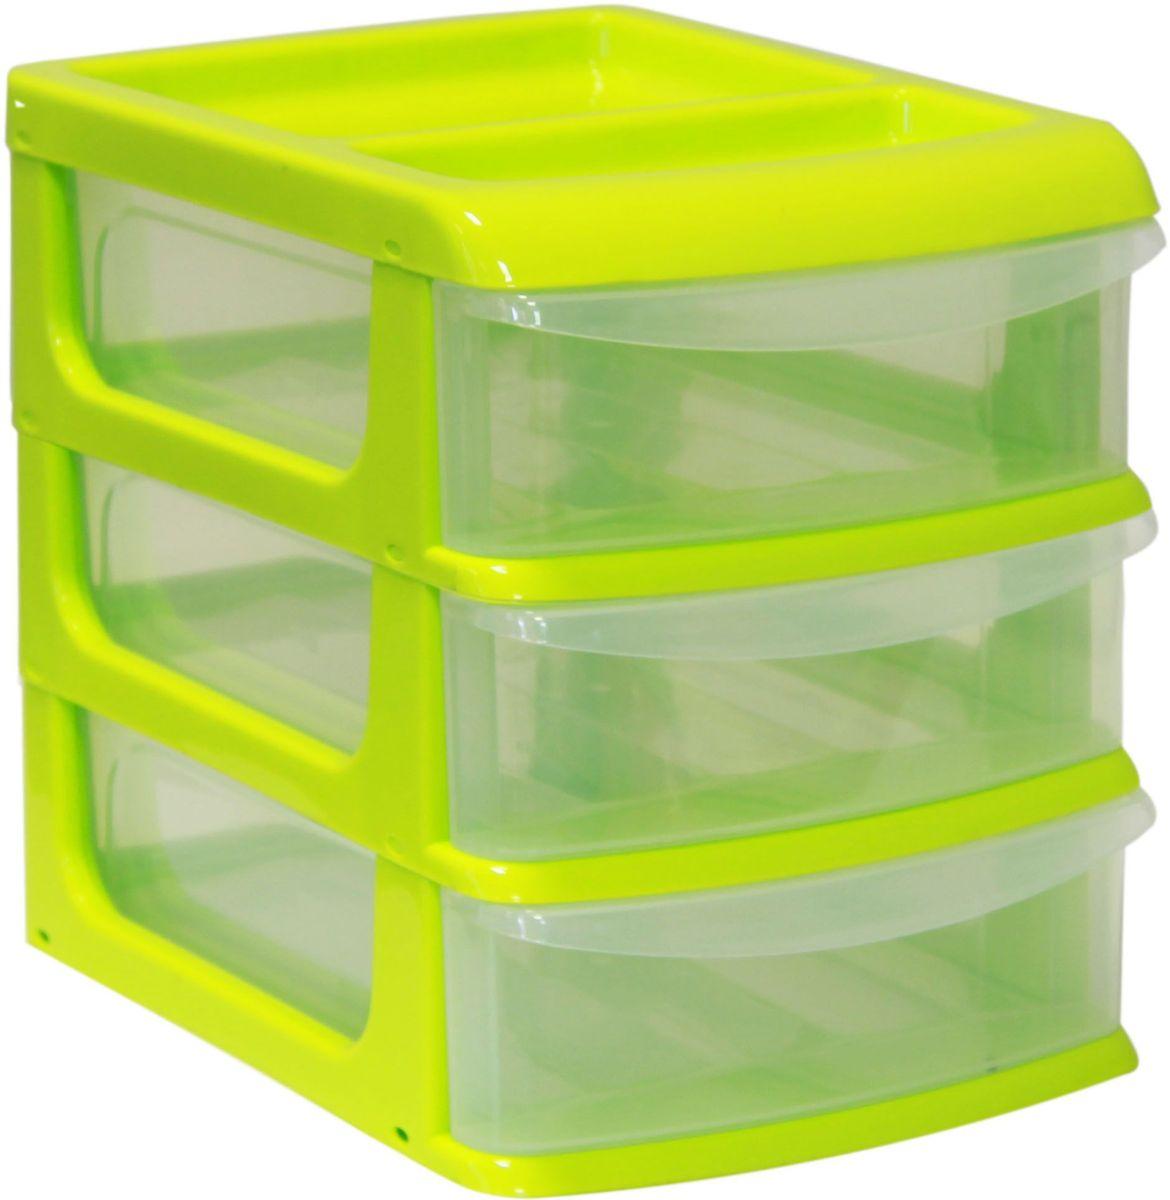 Бокс универсальный Idea, цвет: салатовый, прозрачный, 25 х 34 х 28 см, 3 секцииМ 2767_салатовый, прозрачныйУниверсальный бокс Idea выполнен из высококачественного пластика и имеет три удобные выдвижные секции. Бокс предназначен для хранения предметов шитья, рукоделия, хобби и всех необходимых мелочей. Изделие позволит компактно хранить вещи, поддерживая порядок и уют в вашем доме. Размер секции: 25 х 32 х 7 см.